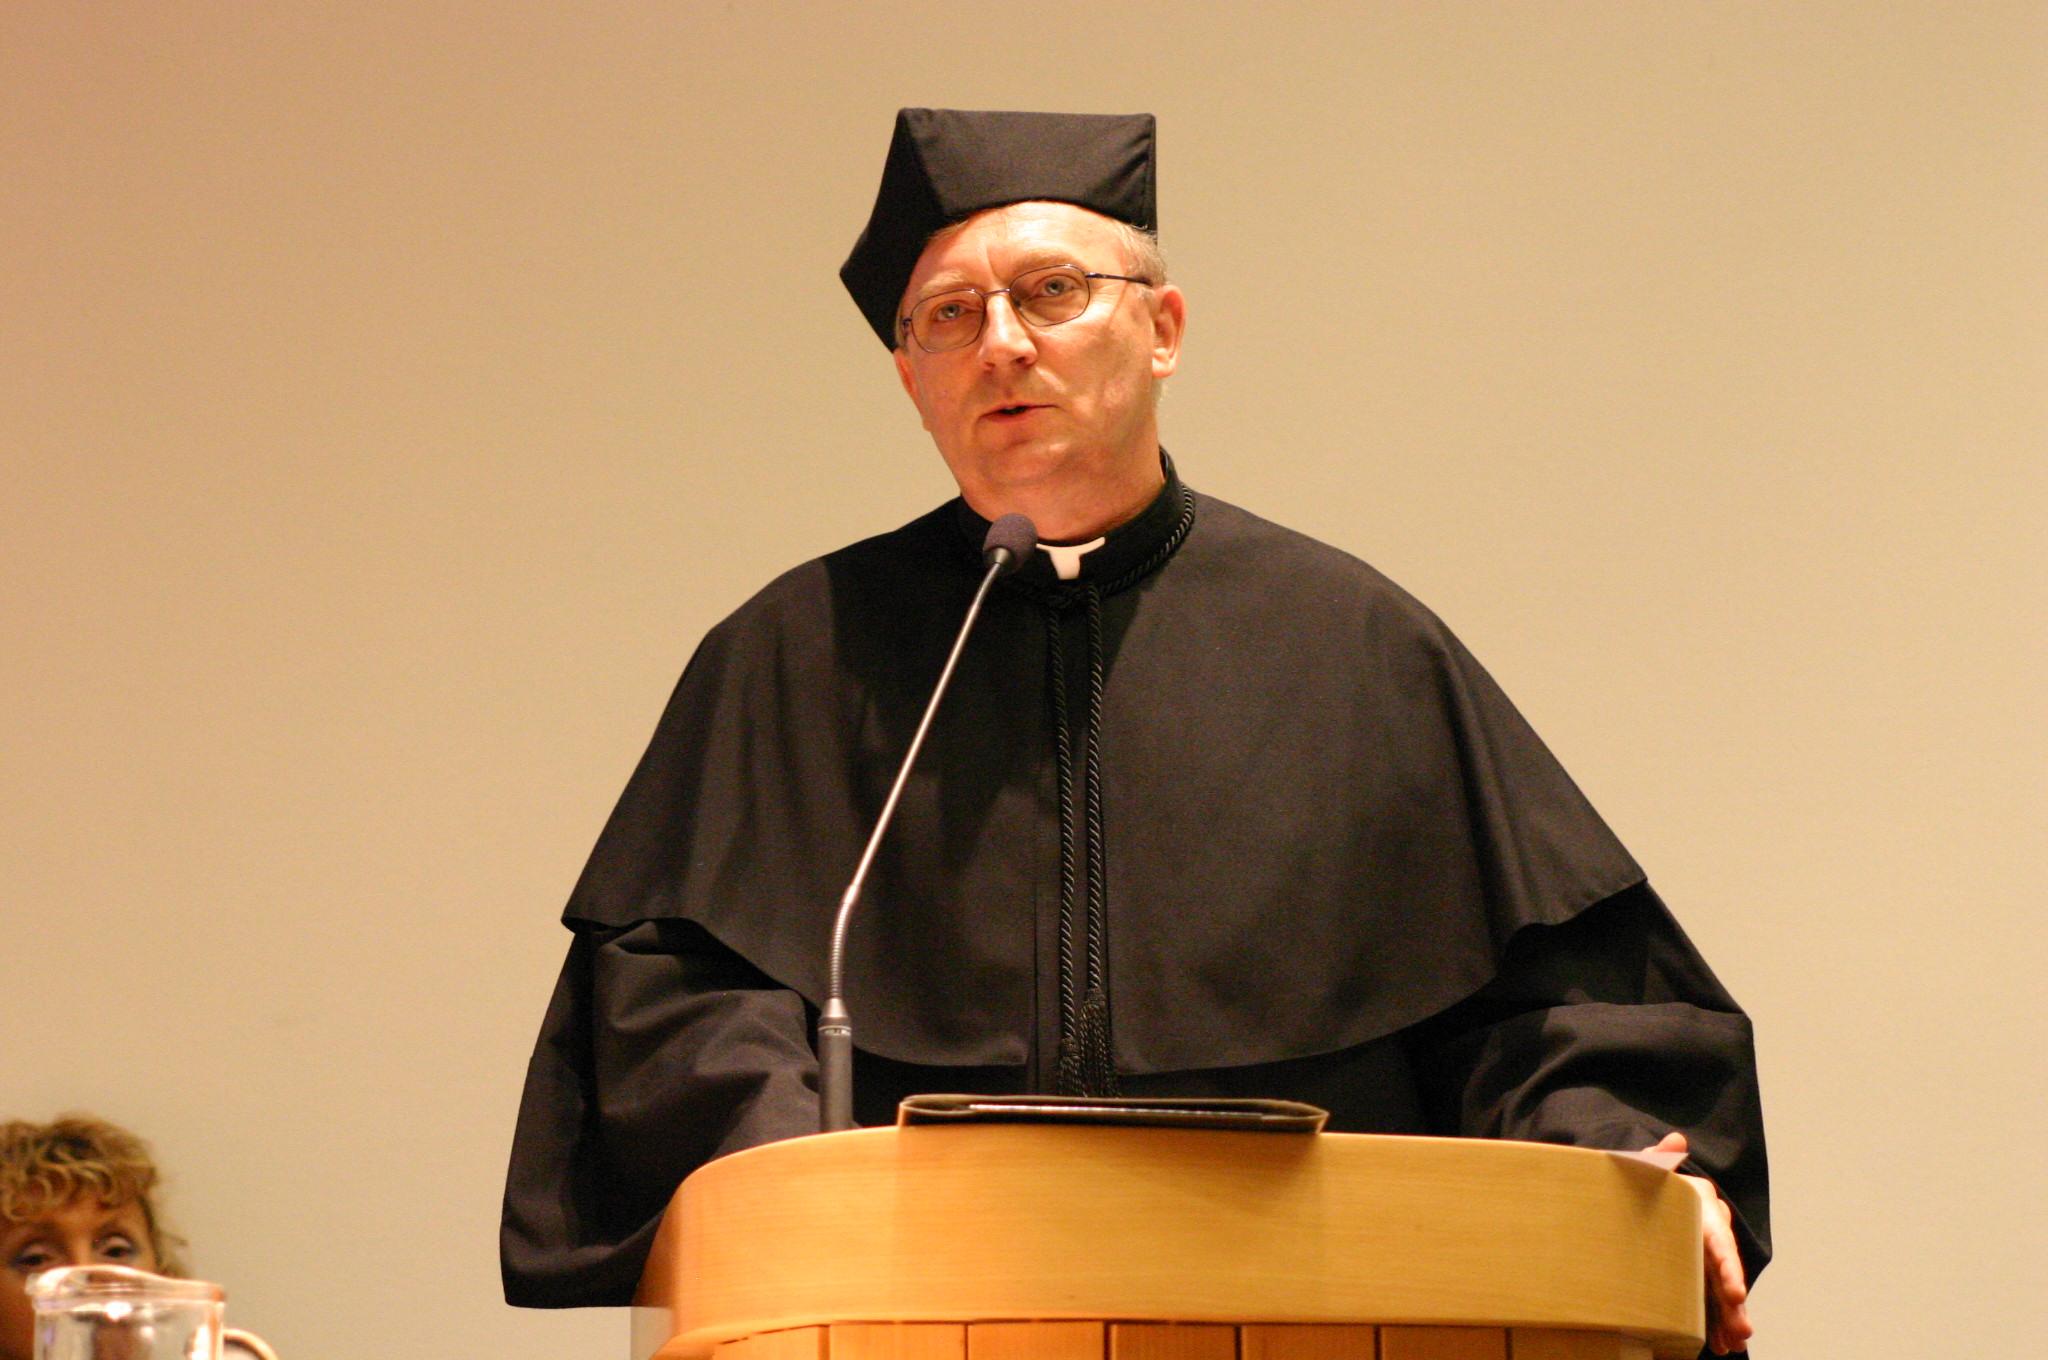 Ks. prof. dr hab. Jerzy Szymik